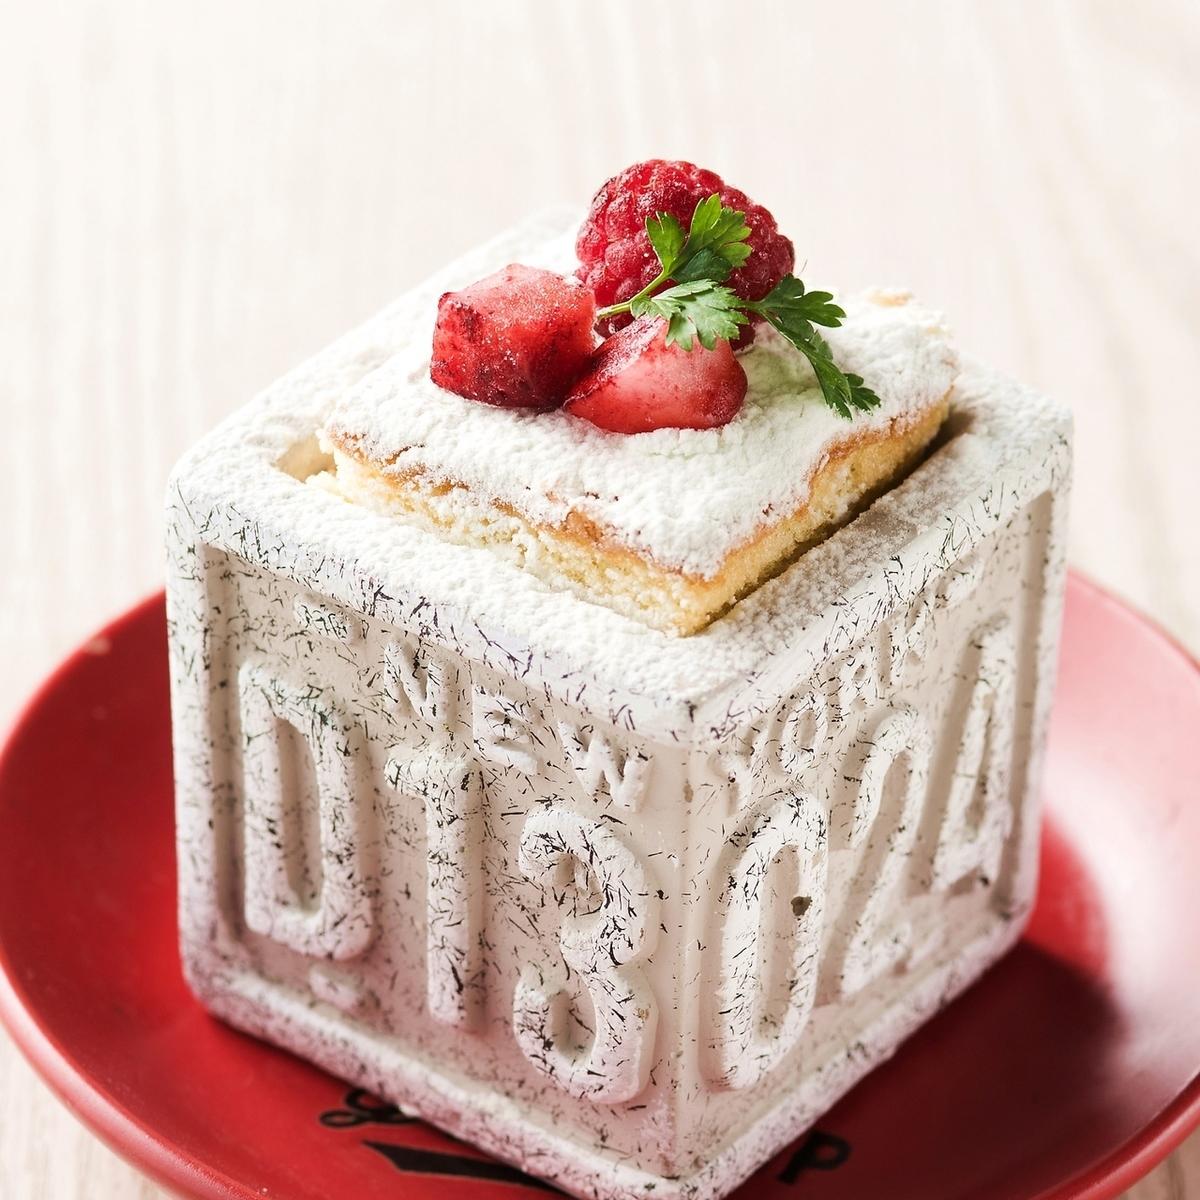 自製盒裝芝士蛋糕